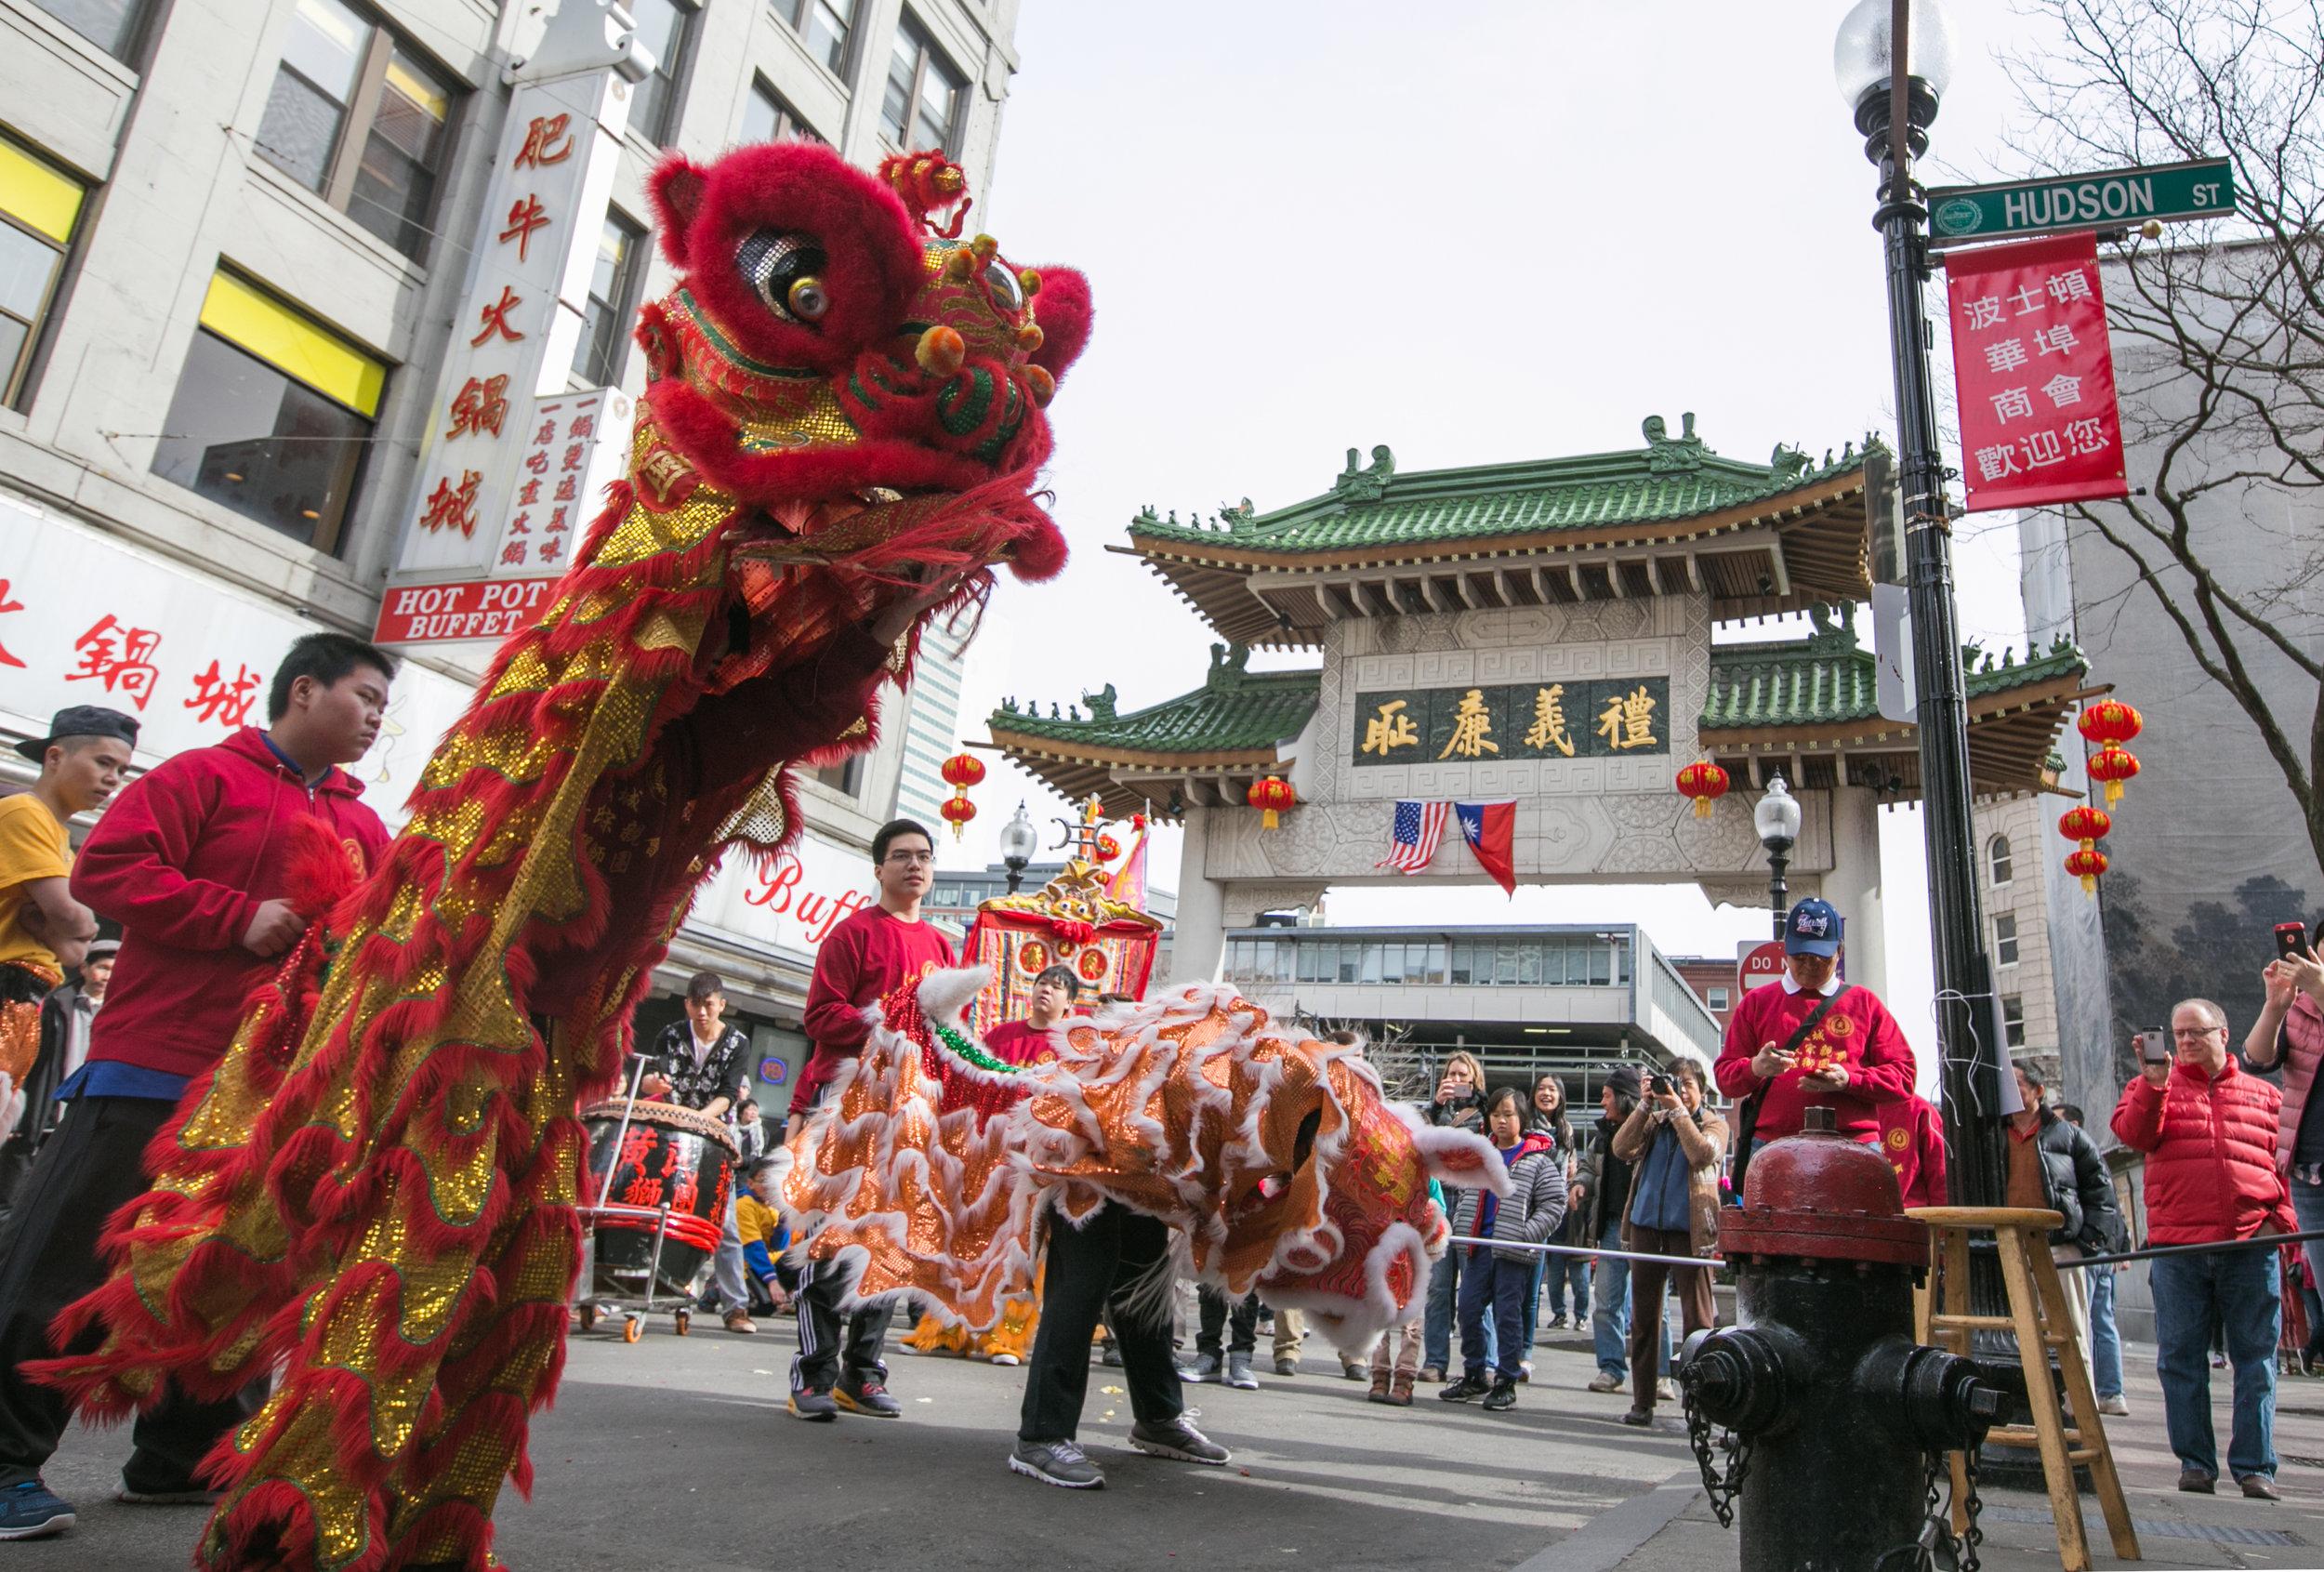 02/21/16 - Chinese New Year - Boston, MA